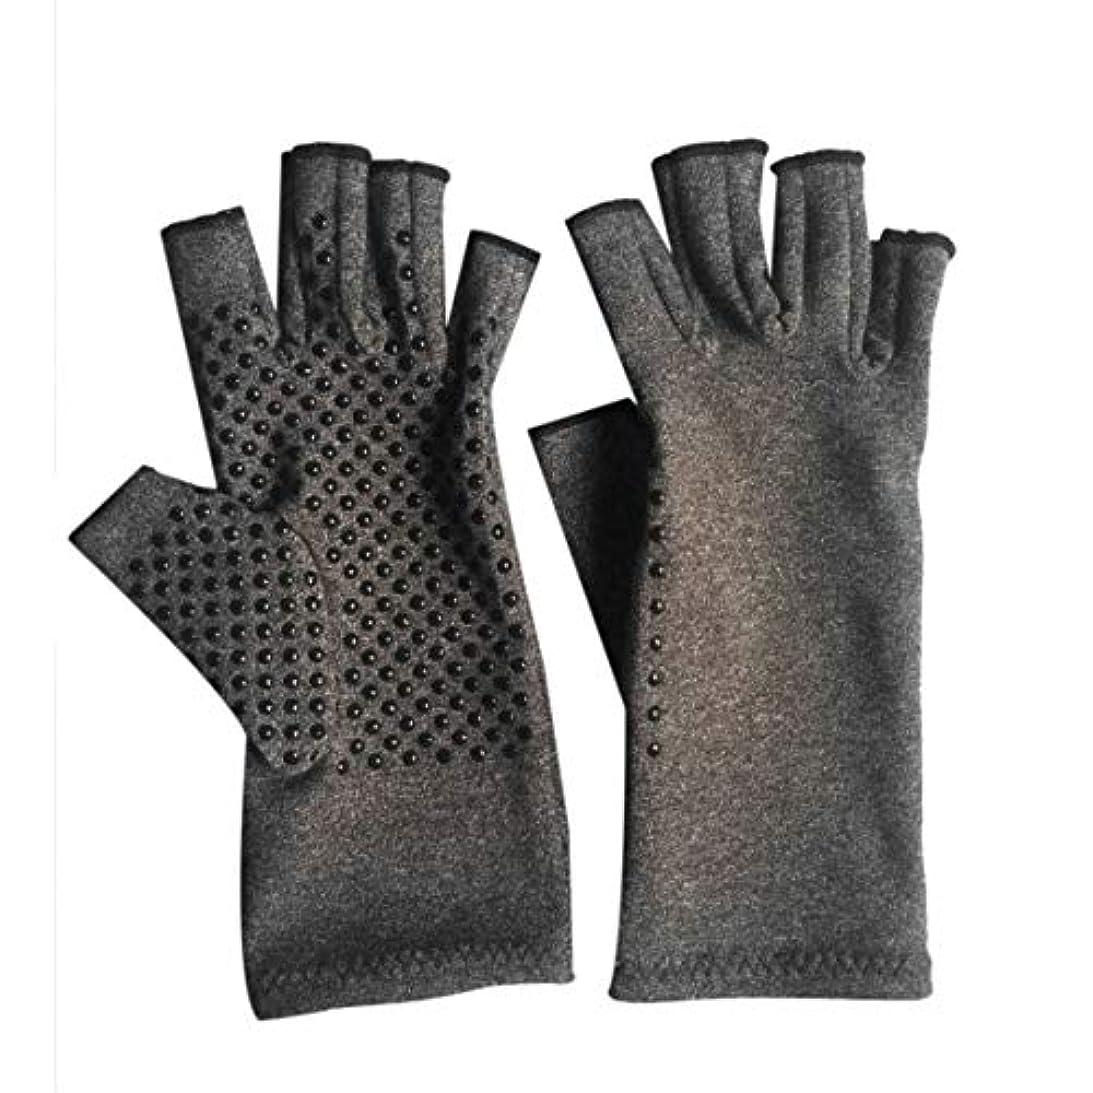 革命的数免疫1ペアユニセックス男性女性療法圧縮手袋関節炎関節痛緩和ヘルスケア半指手袋トレーニング手袋 - グレーM